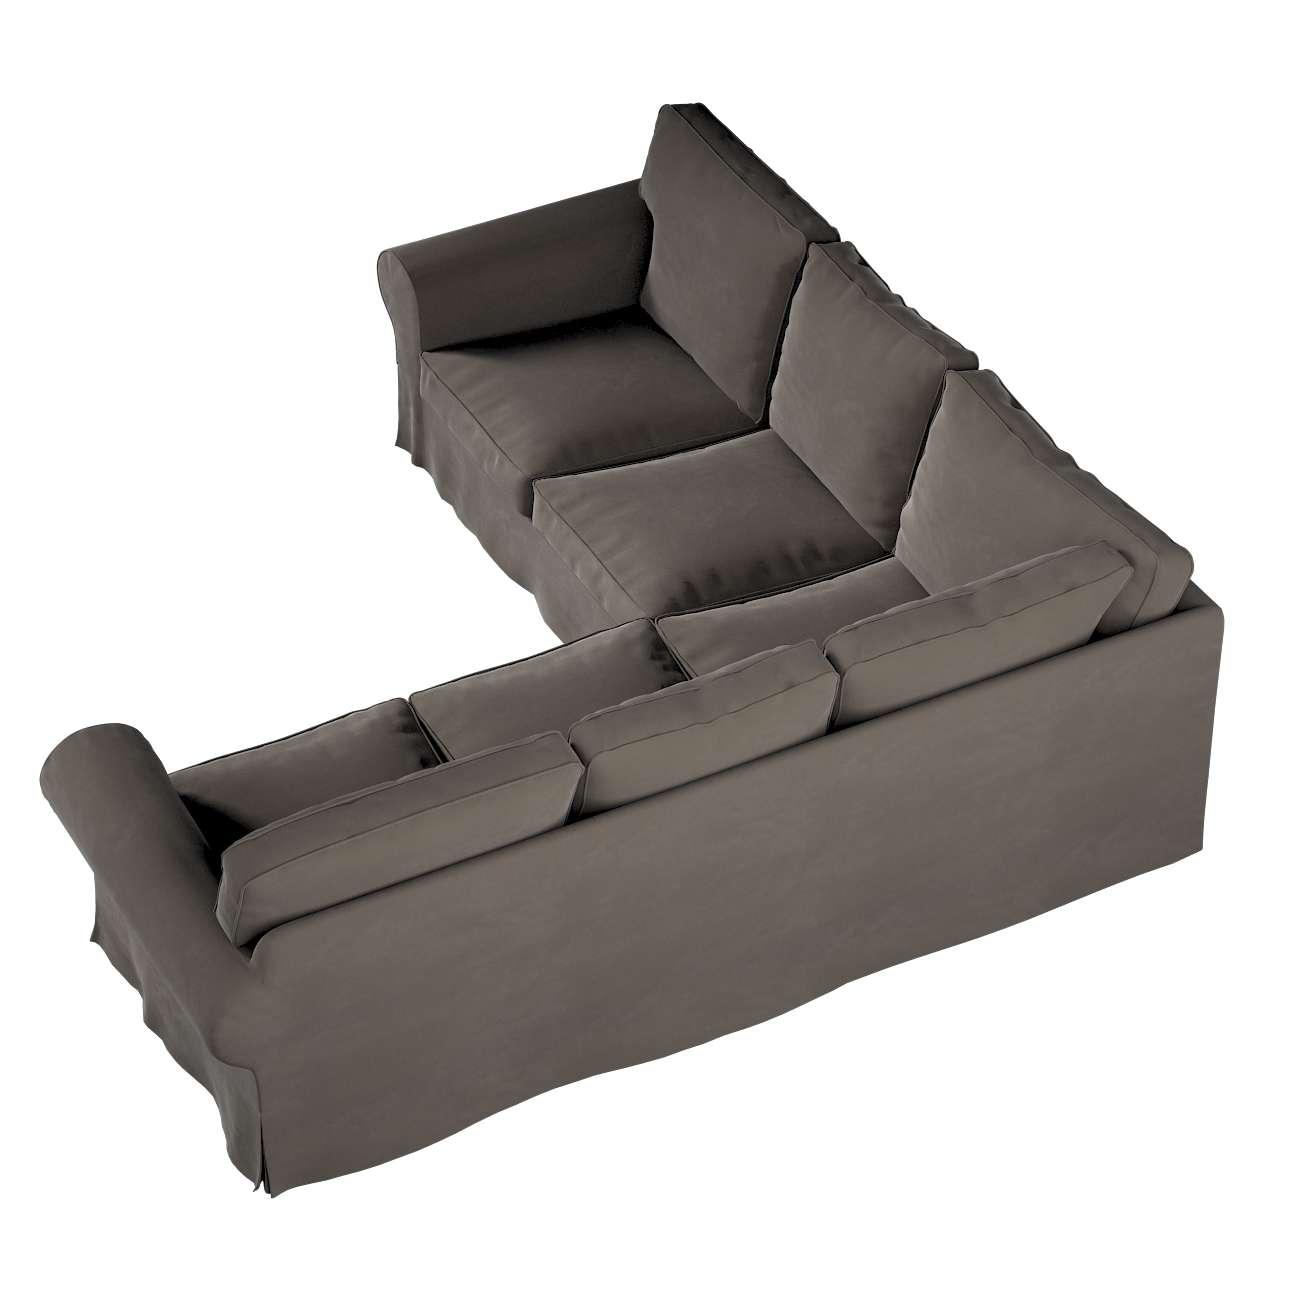 Pokrowiec na sofę narożną Ektorp w kolekcji Velvet, tkanina: 704-19